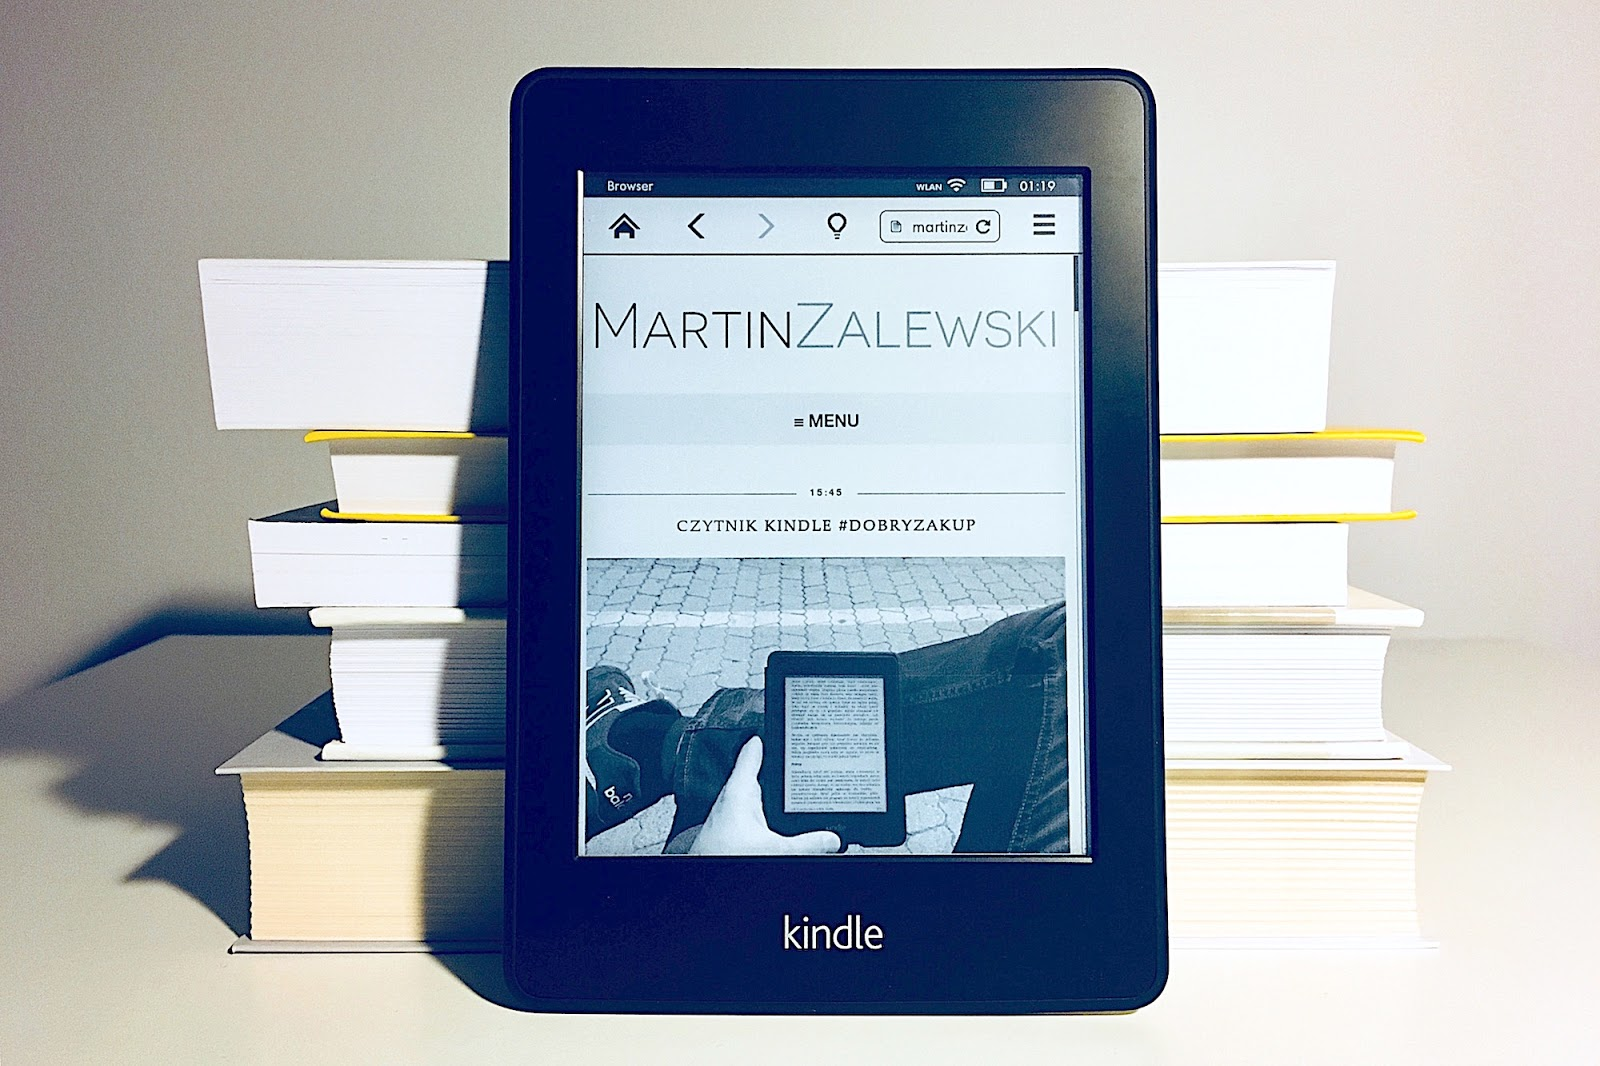 Papier czy e-book? 13 różnic między formatami